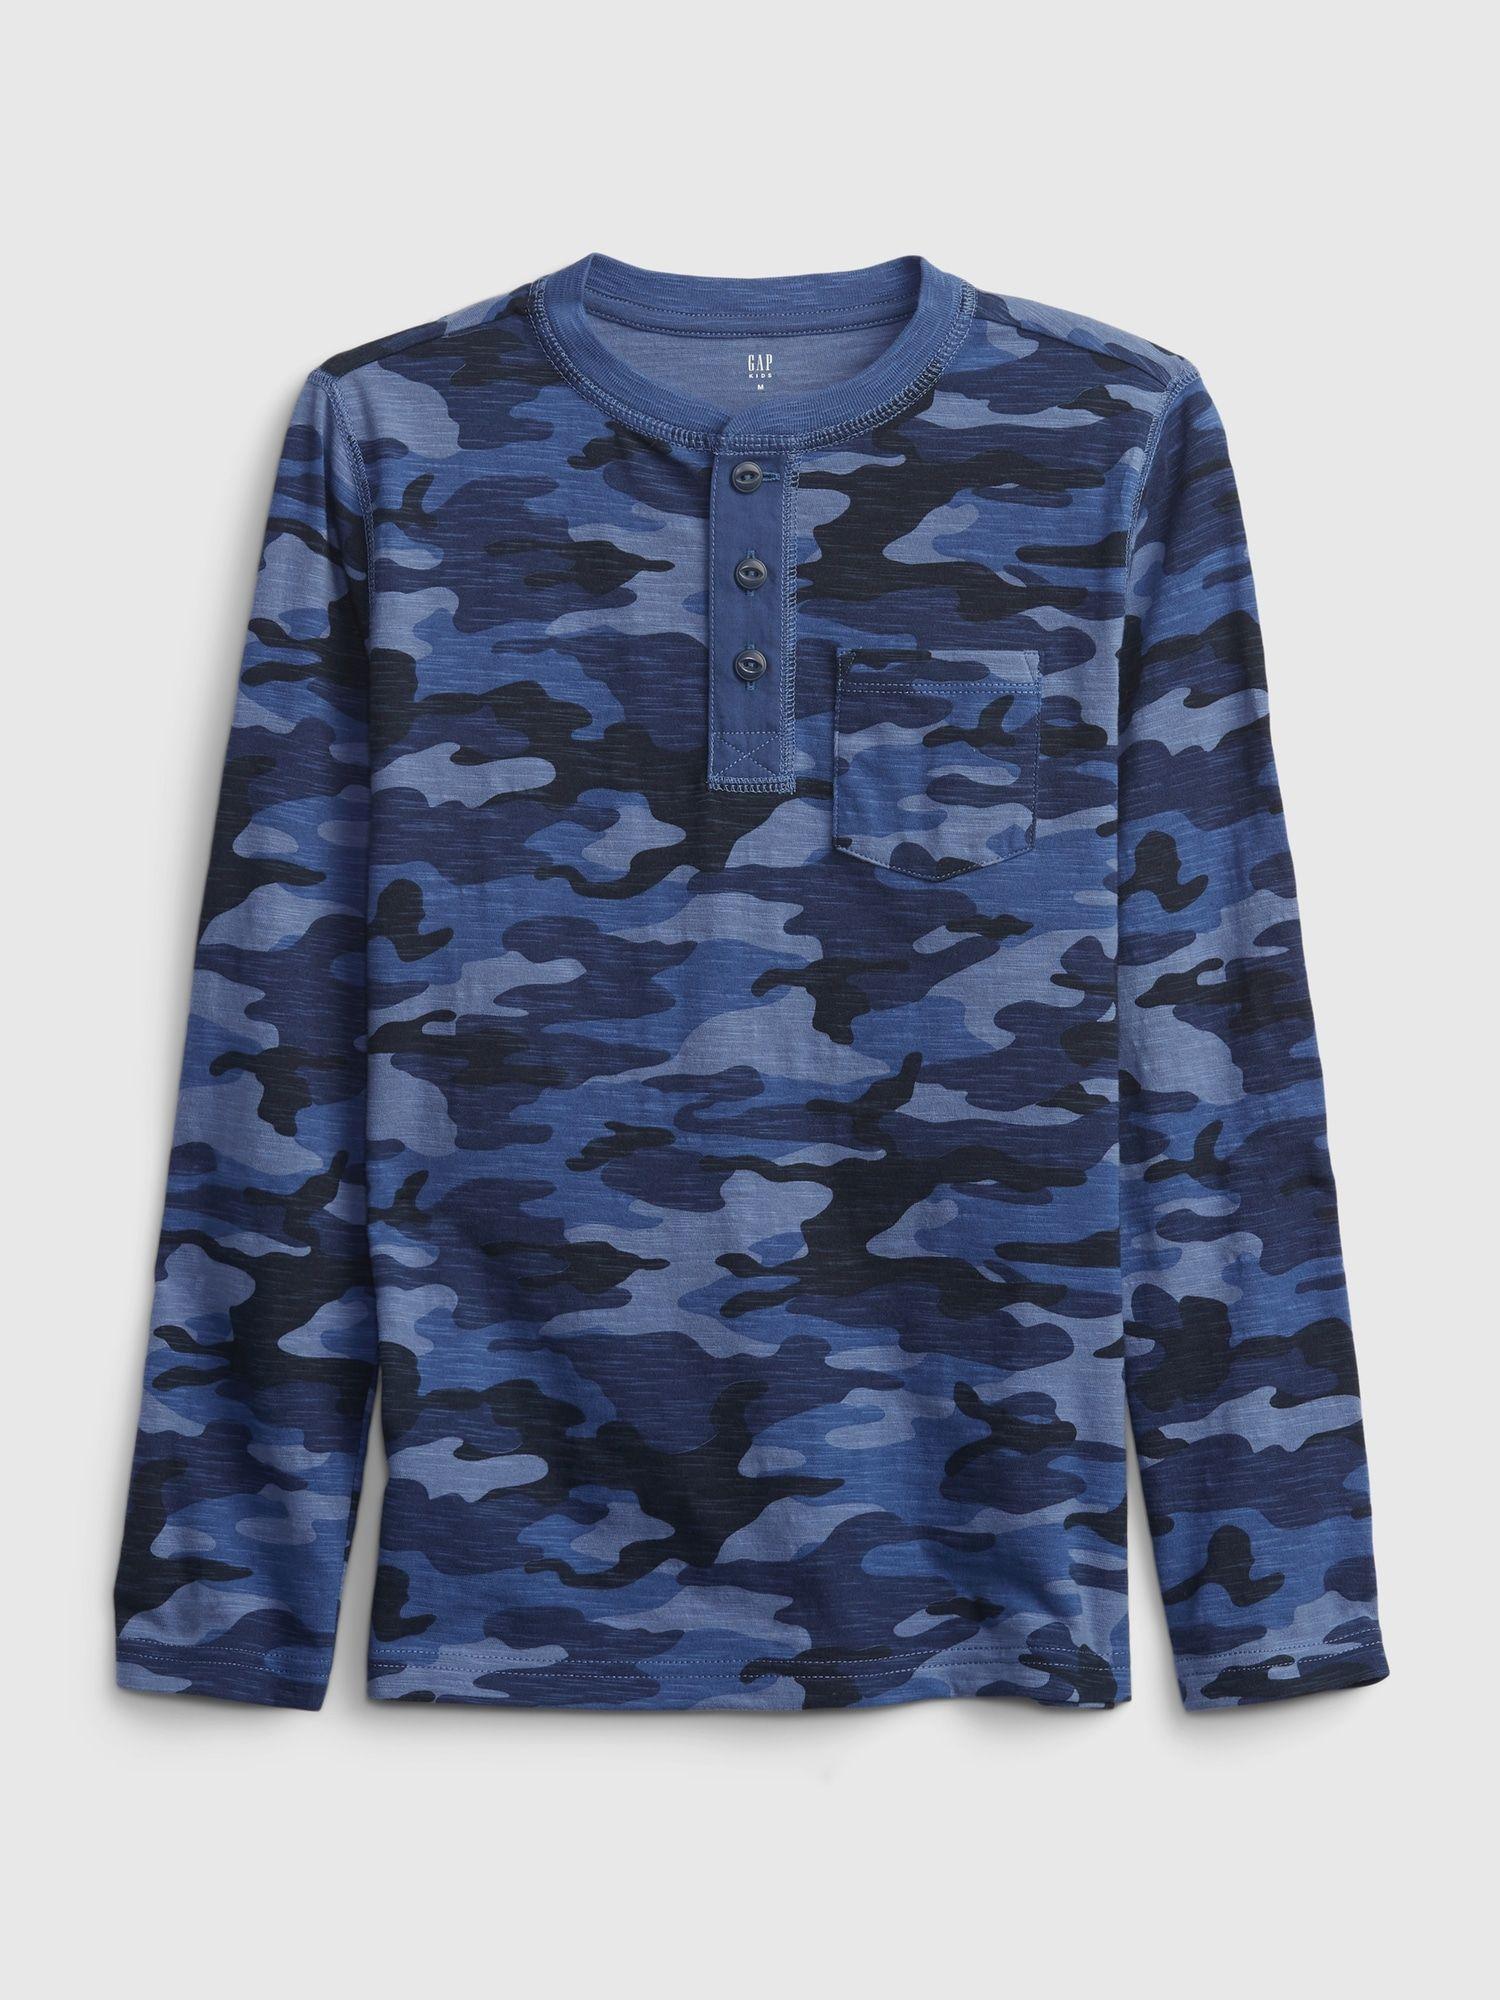 Modré chlapčenské tričko GAP s dlhým rukávom - 146